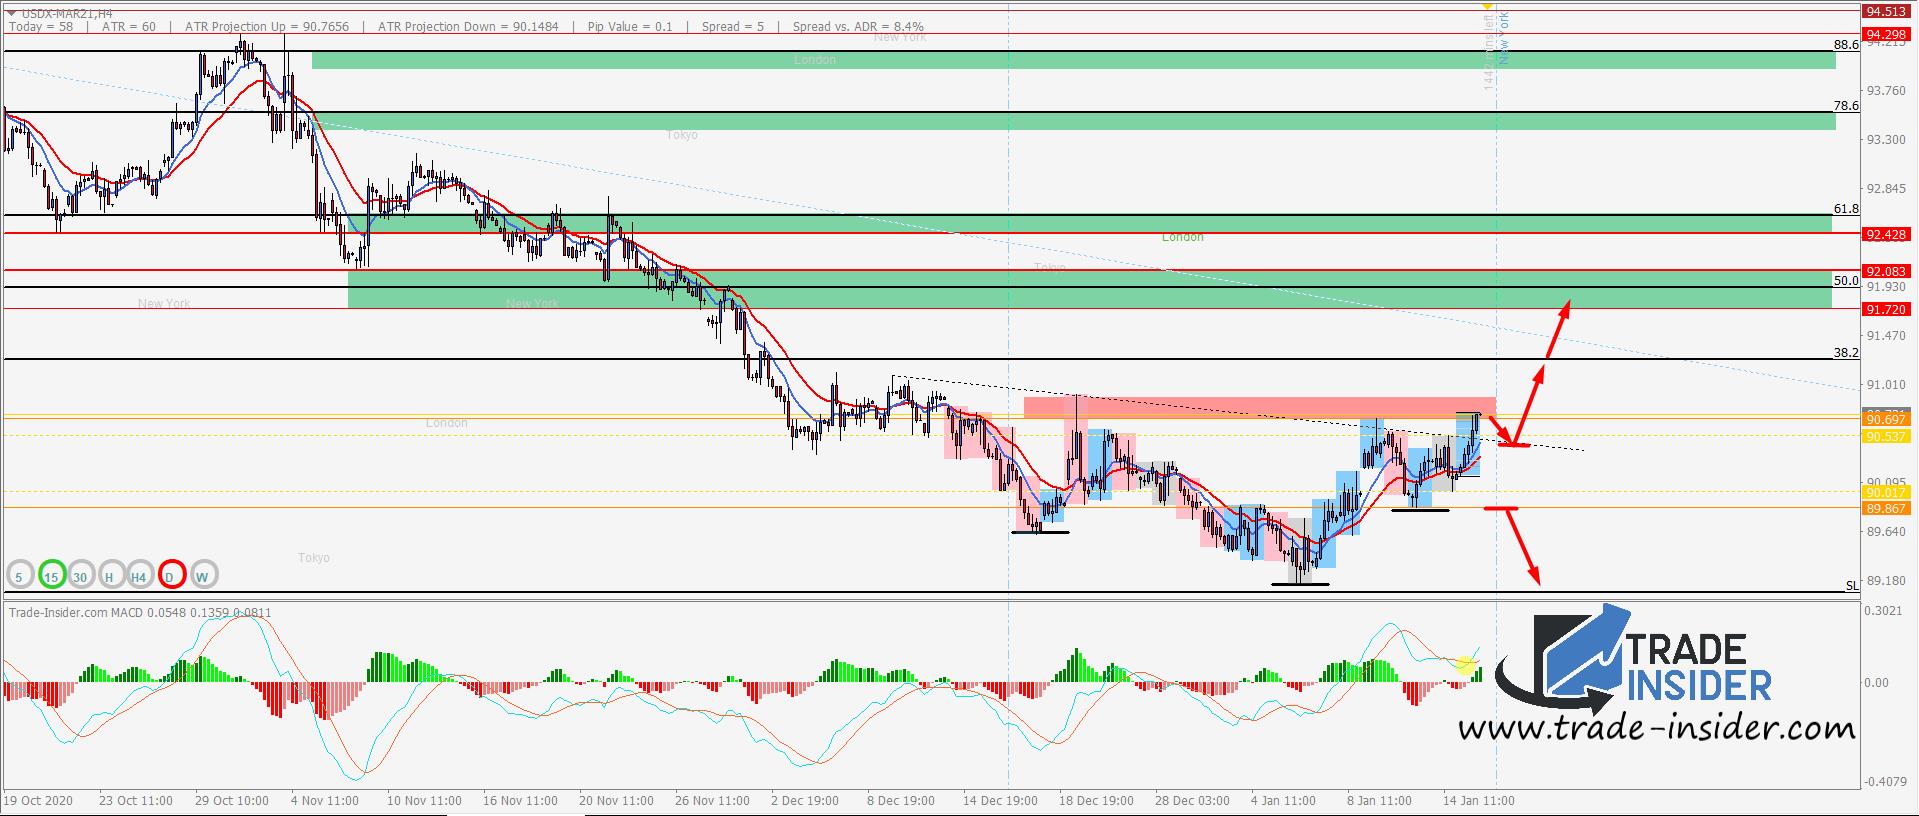 USDX H4 Chart Setup